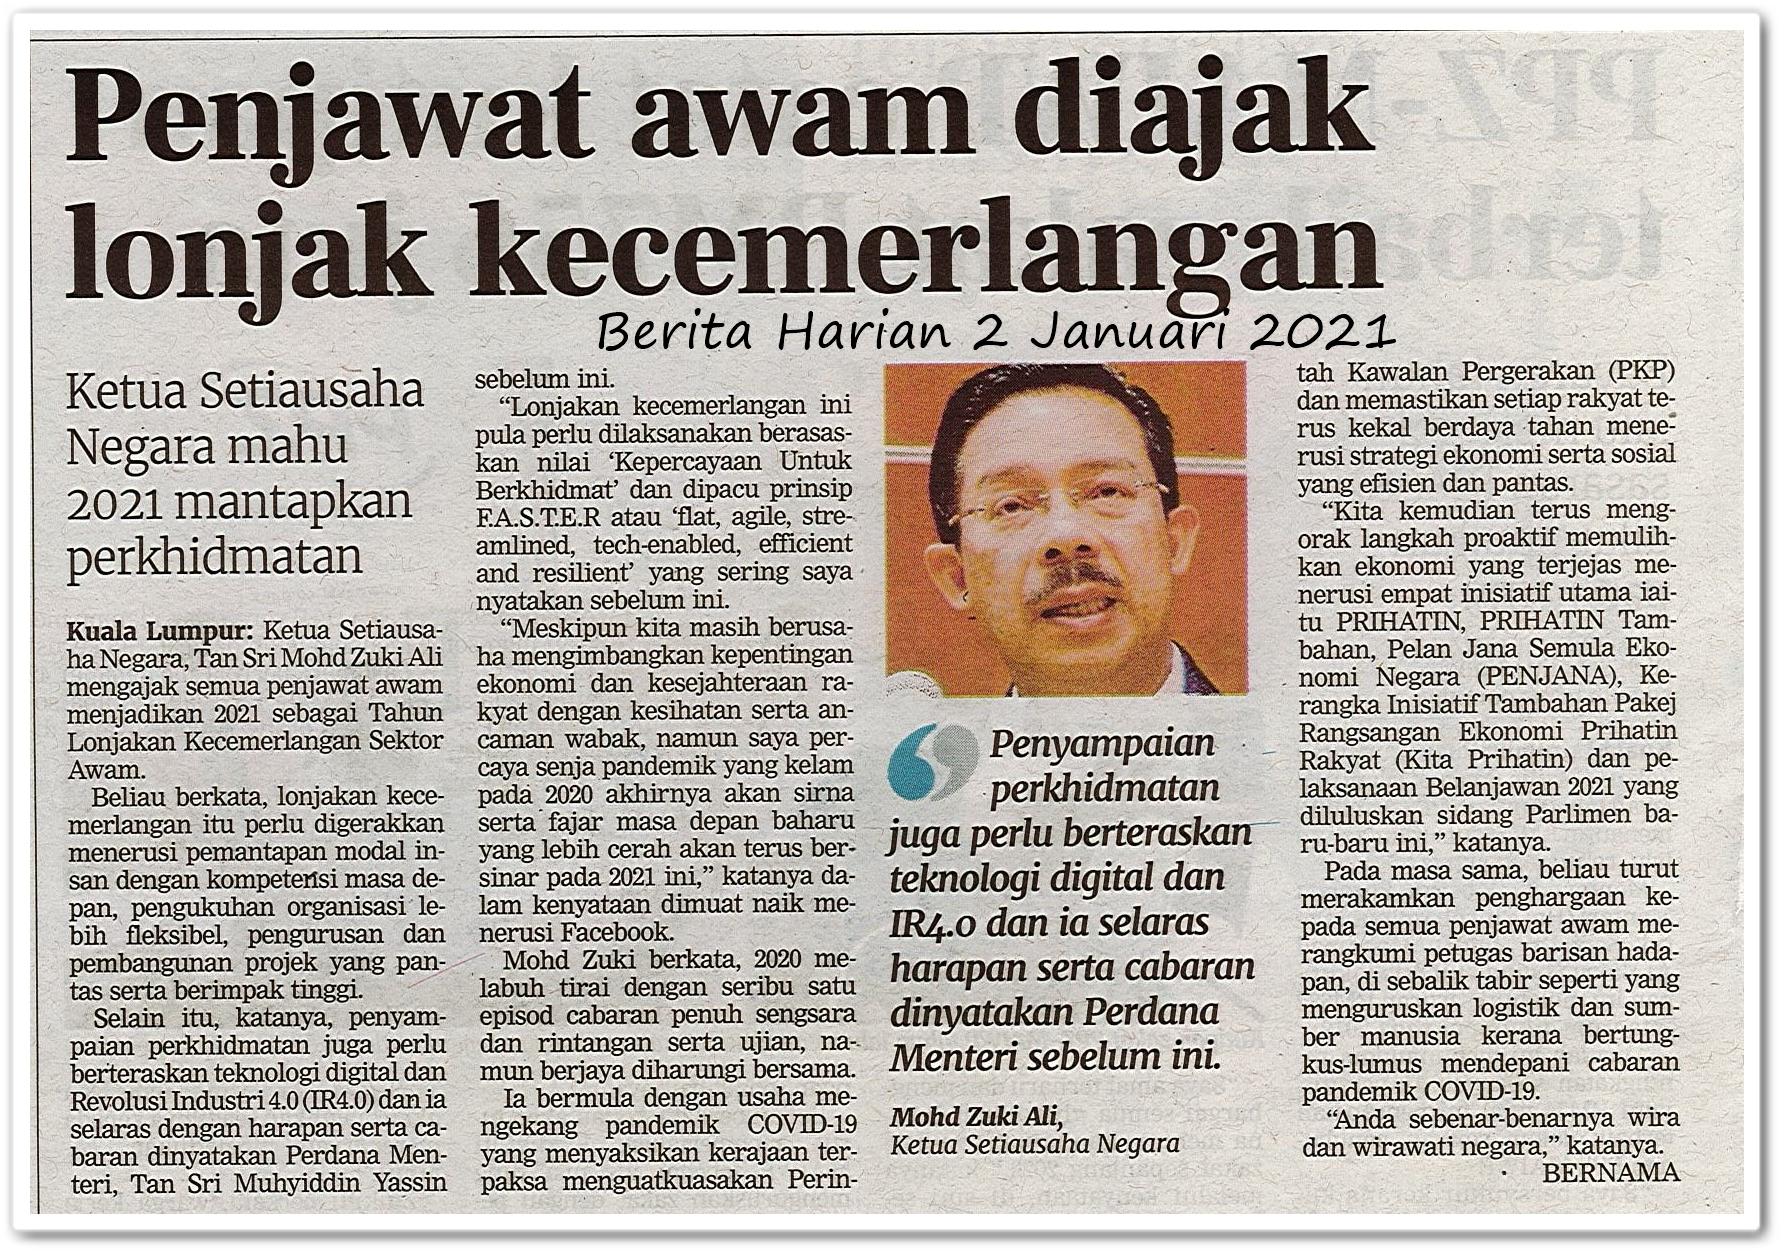 Penjawat awam diajak lonjak kecemerlangan - Keratan akhbar Berita Harian 2 Januari 2021